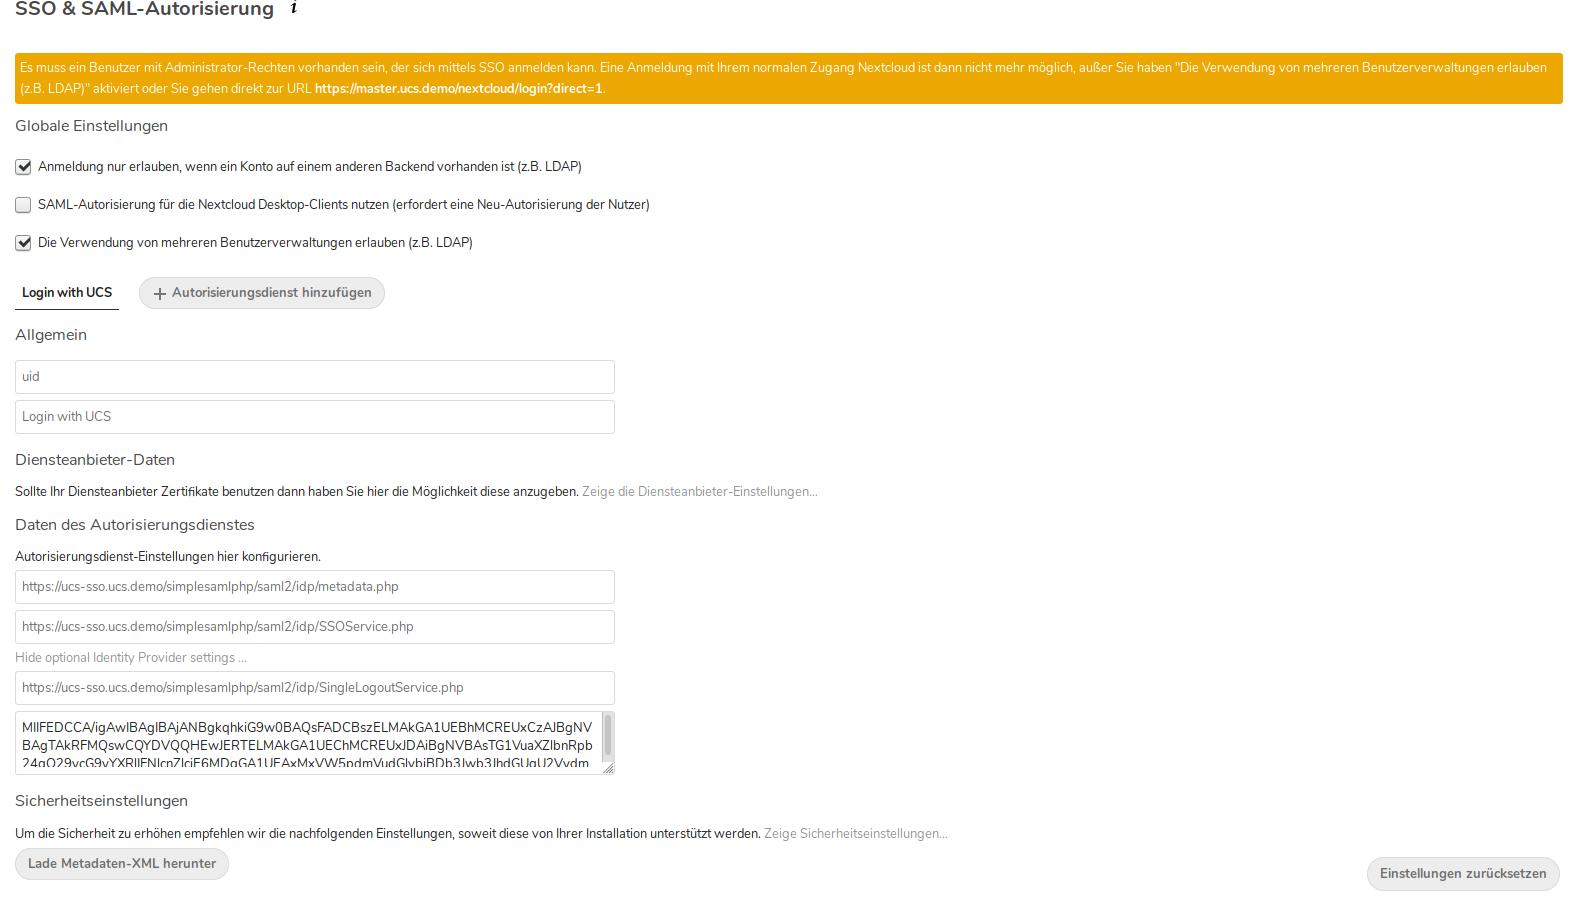 SSO Nextcloud und SAML Autorisierung